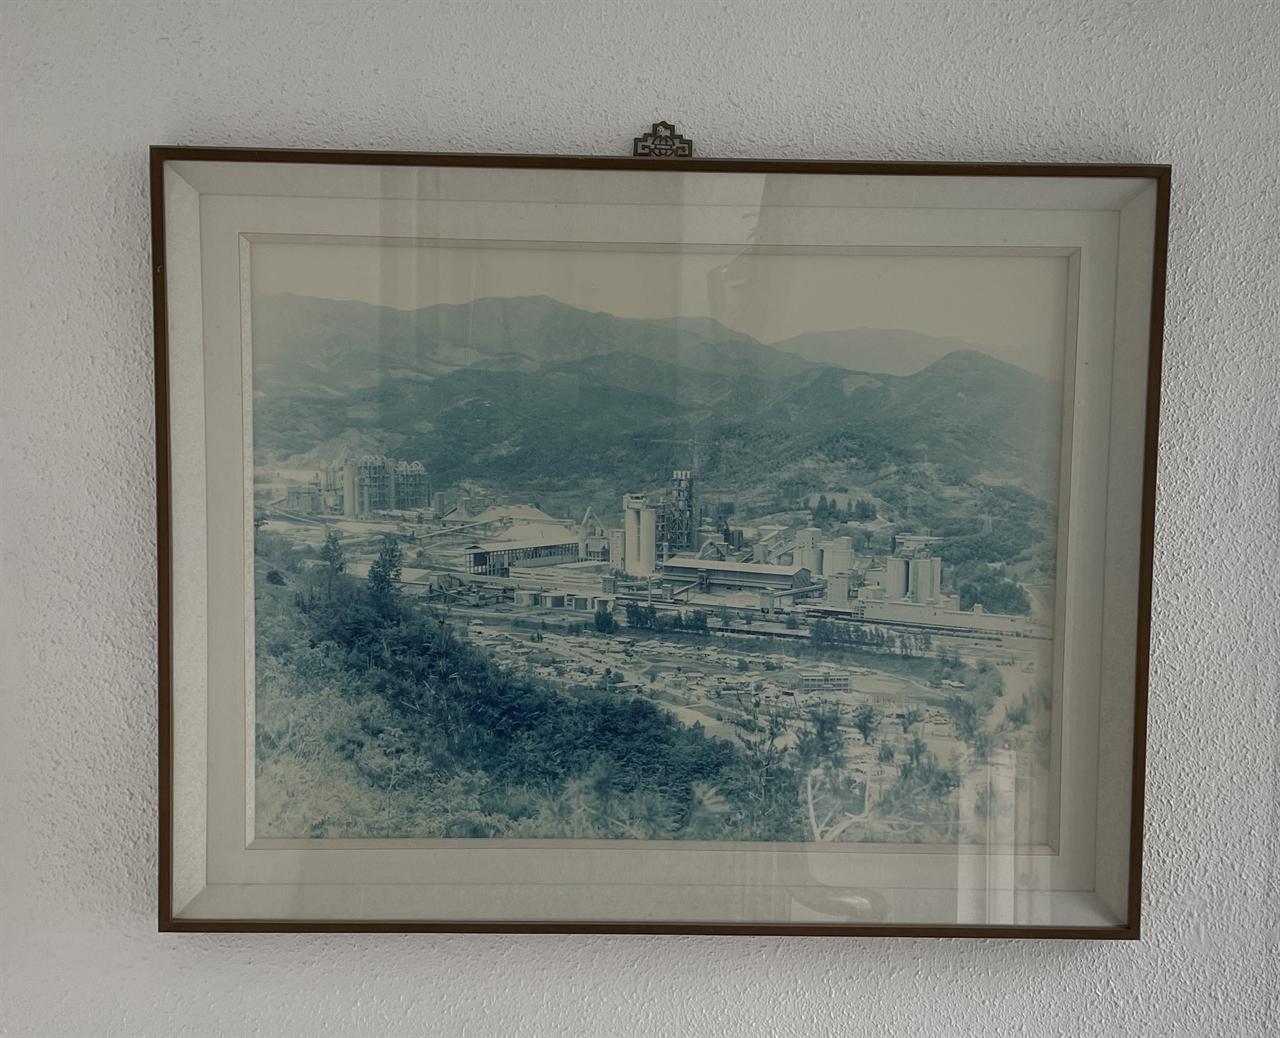 황하영 회장의 동부전기산업 건물(동해시 천곡동)에 걸려 있는 쌍용양회 동해공장 전경.